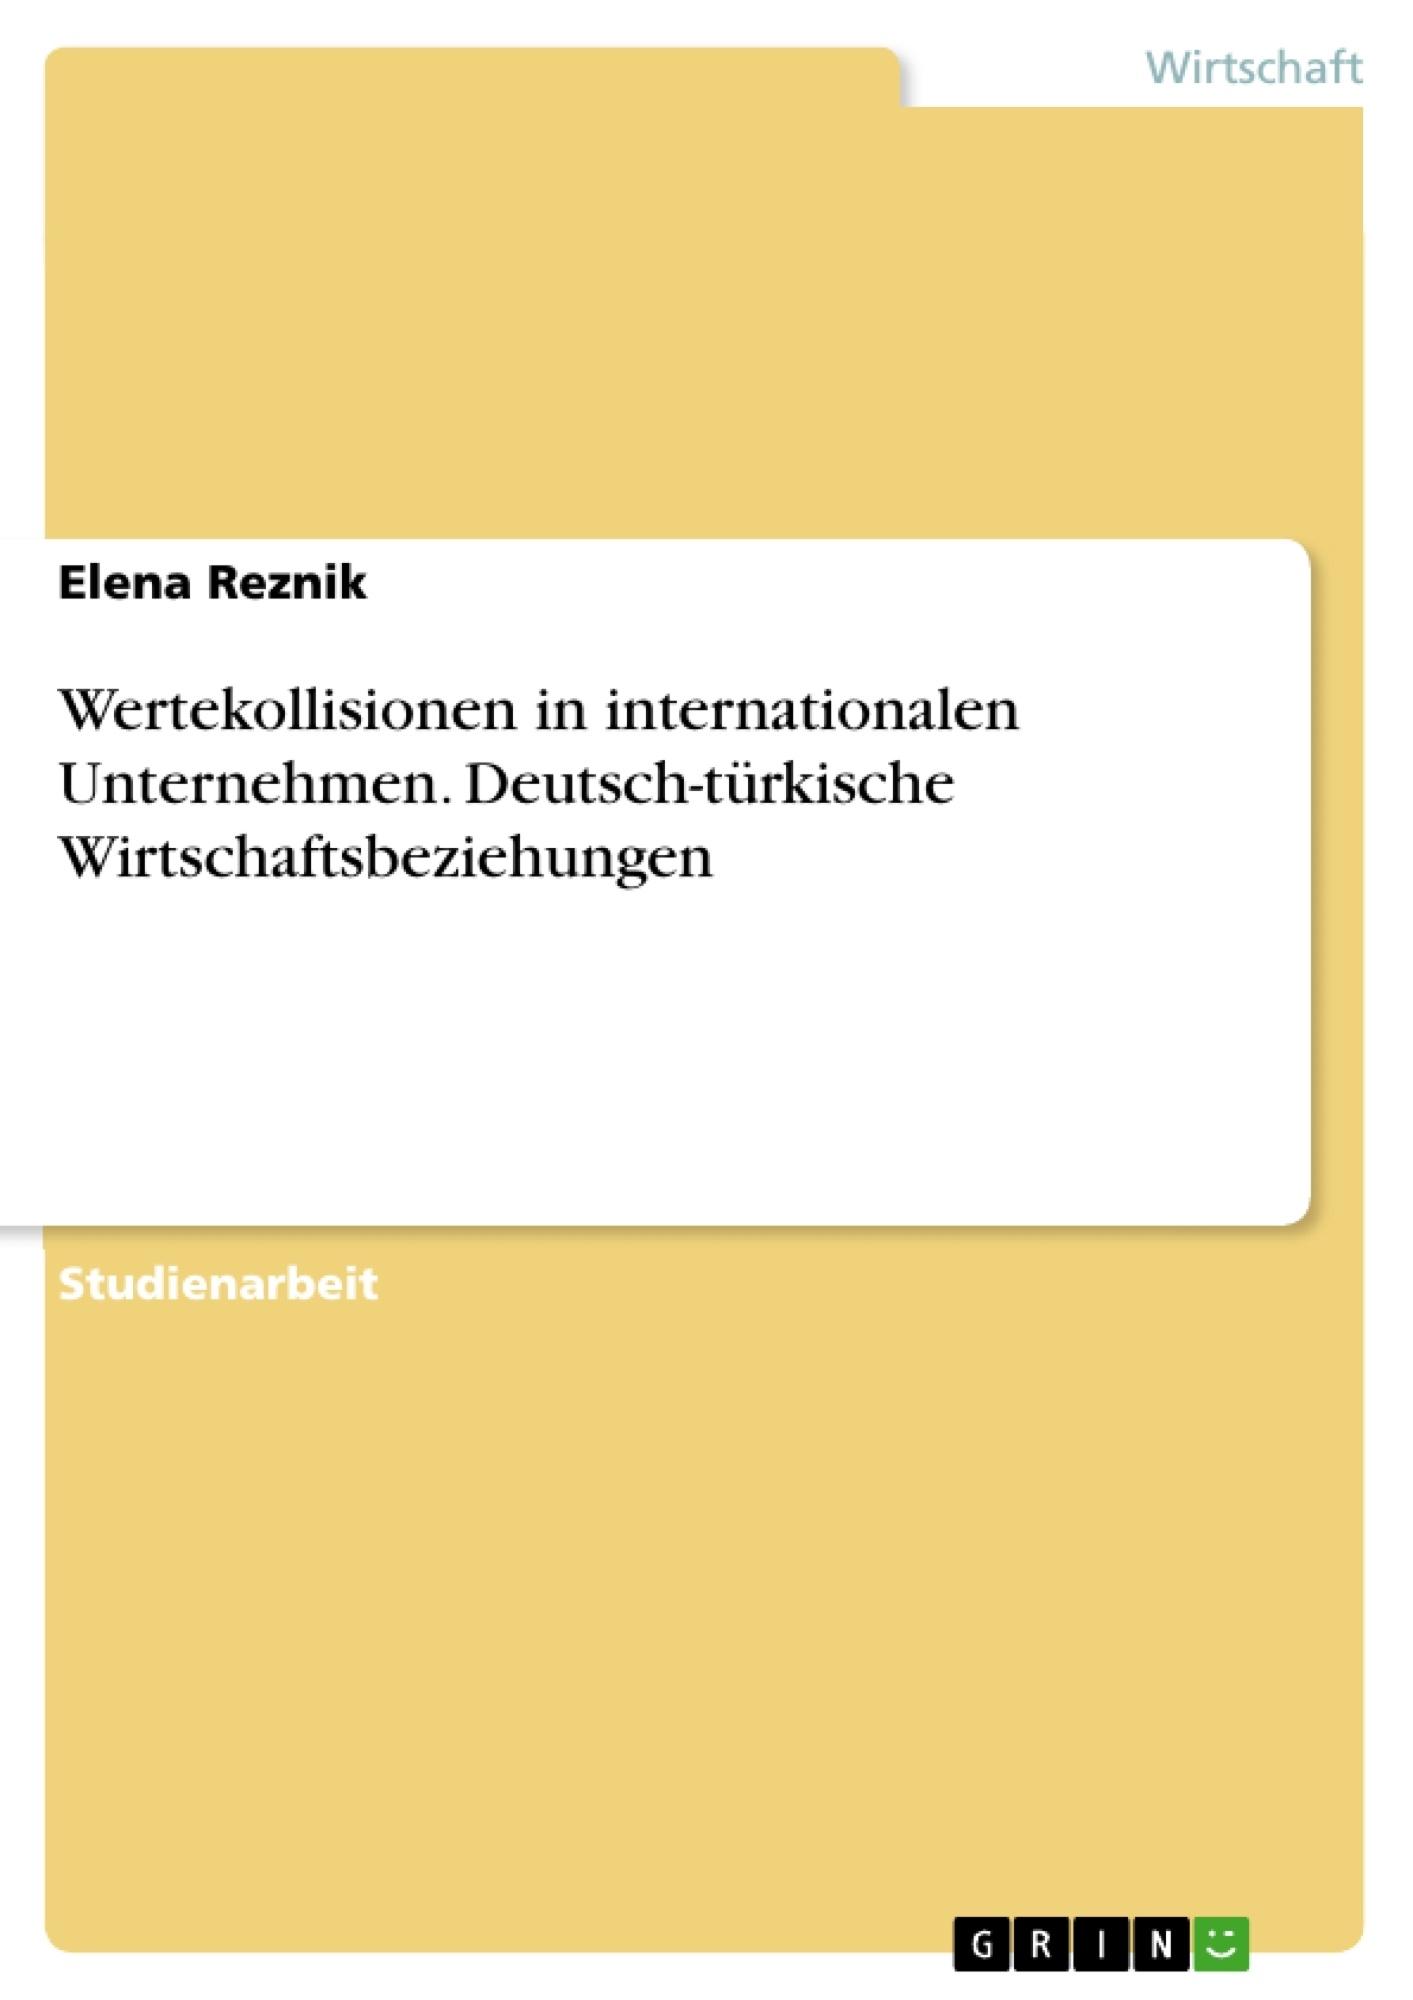 Titel: Wertekollisionen in internationalen Unternehmen. Deutsch-türkische Wirtschaftsbeziehungen